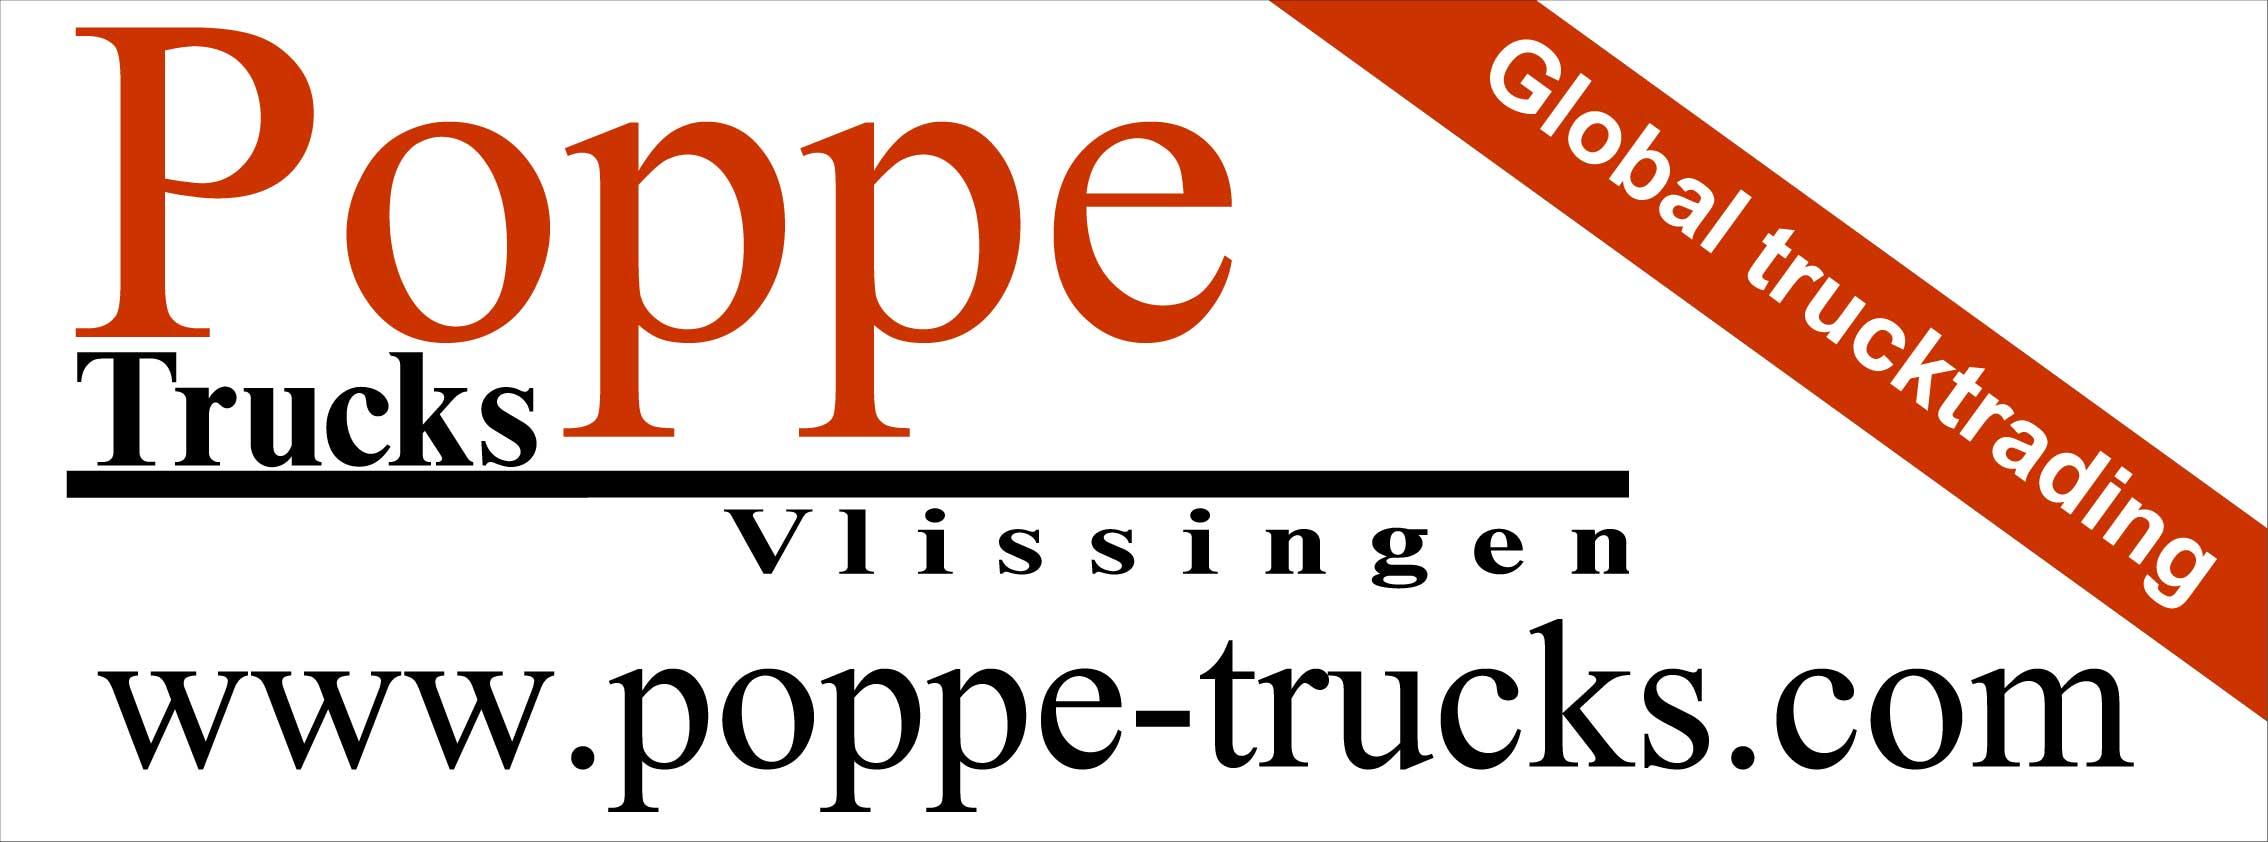 http://www.poppe-trucks.nl/